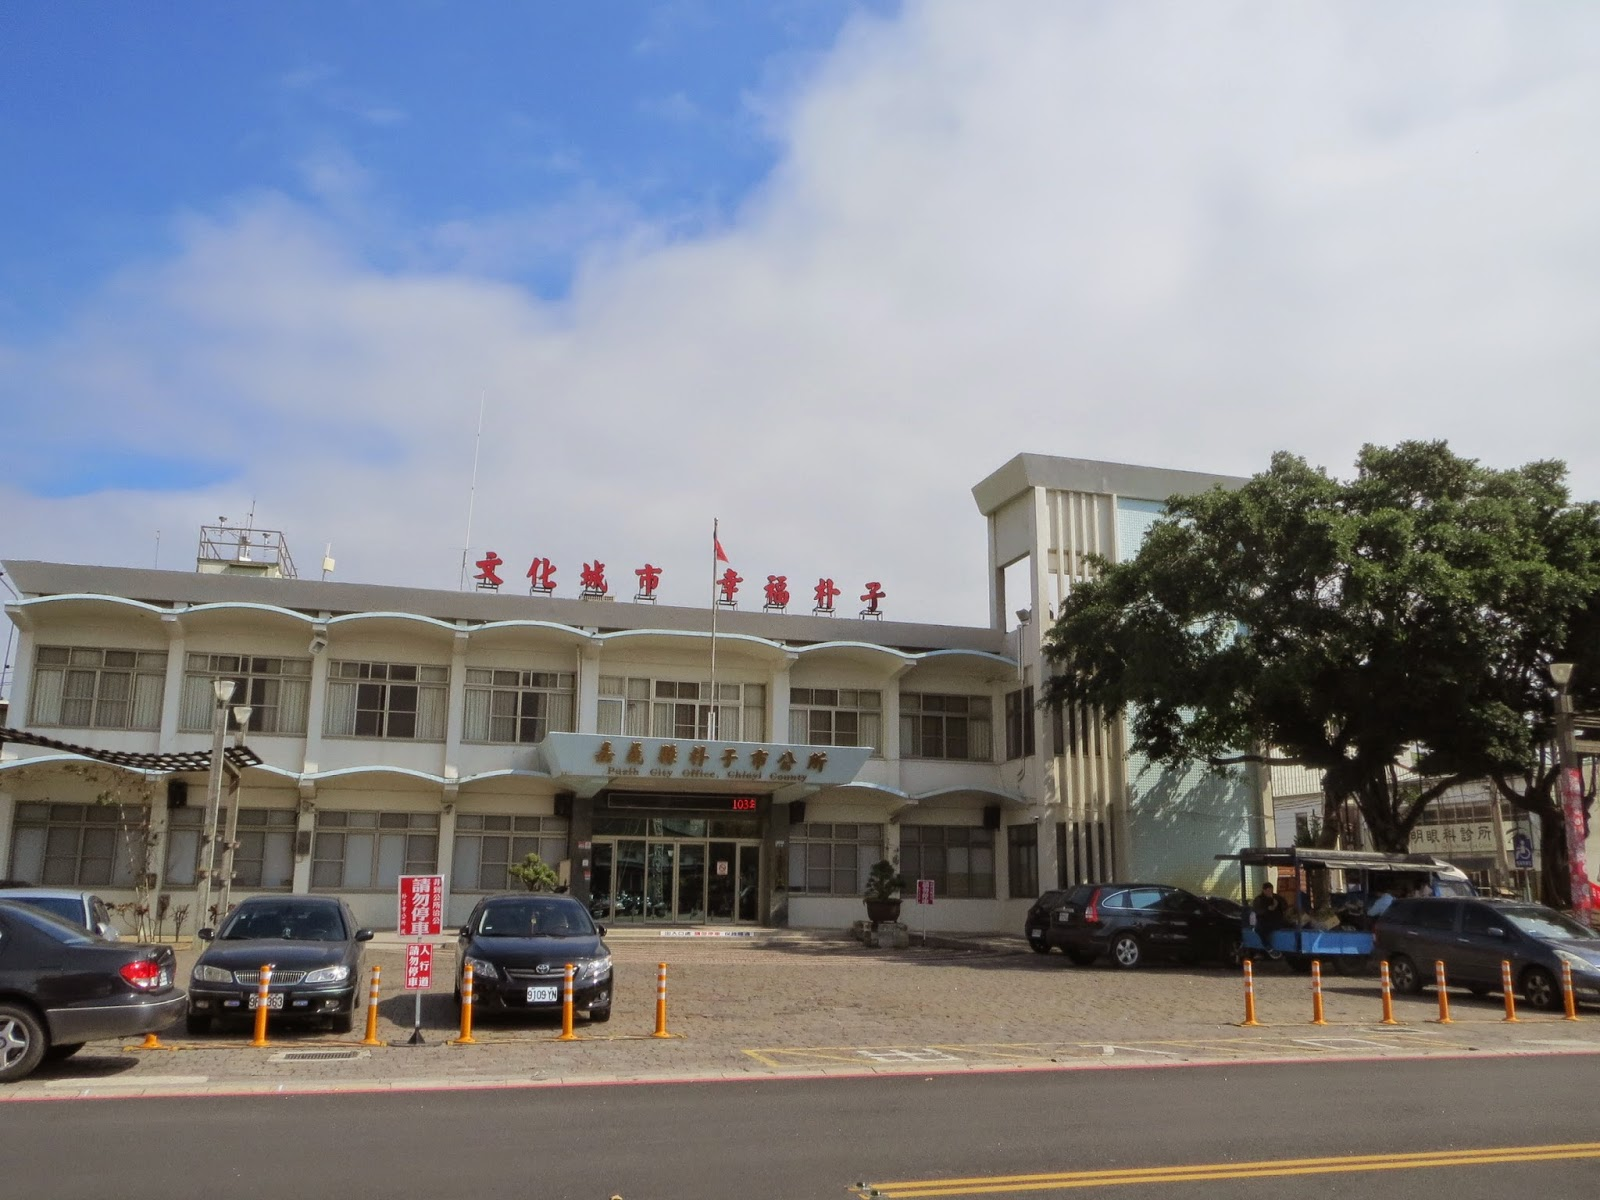 樸子郡@生活圈: 即將四遷的衙門--------街役場市公所